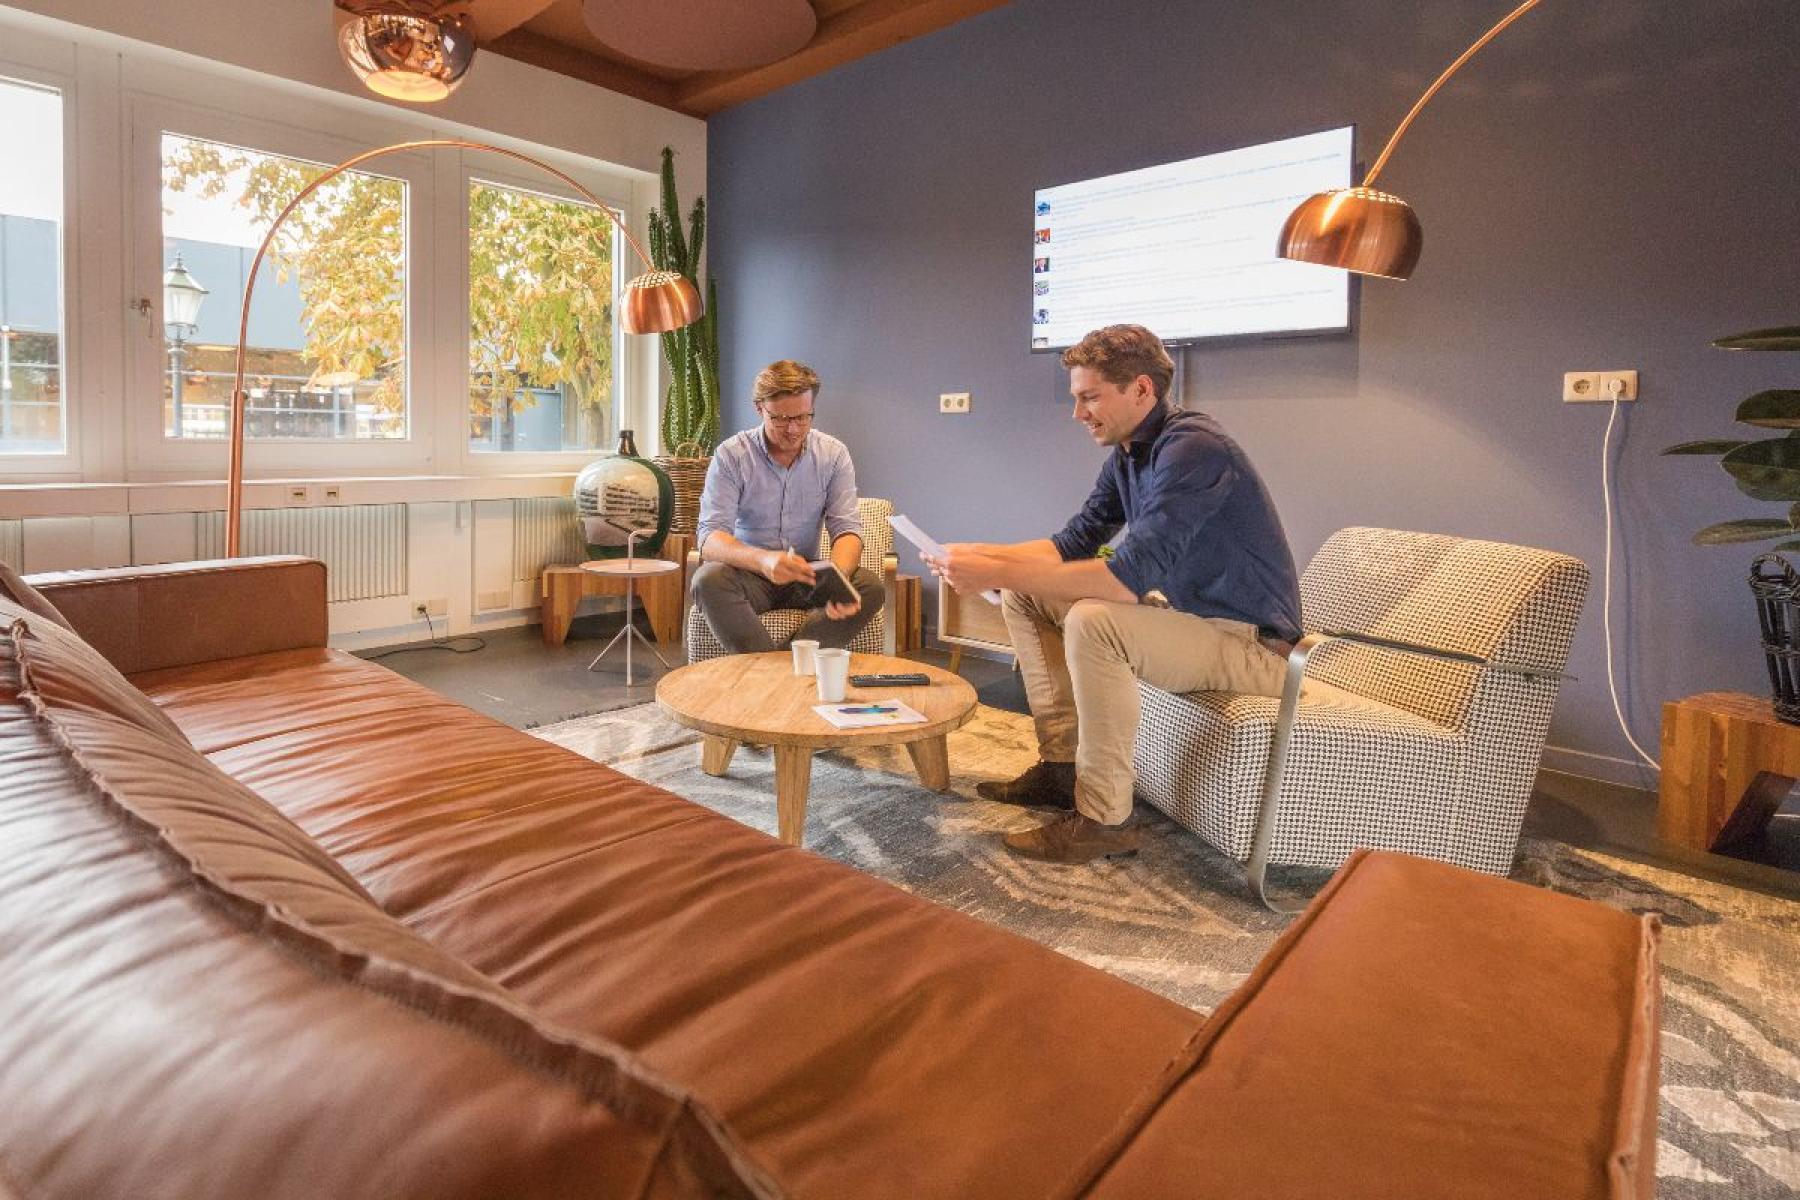 Rent office space Atoomweg 50, Utrecht (2)